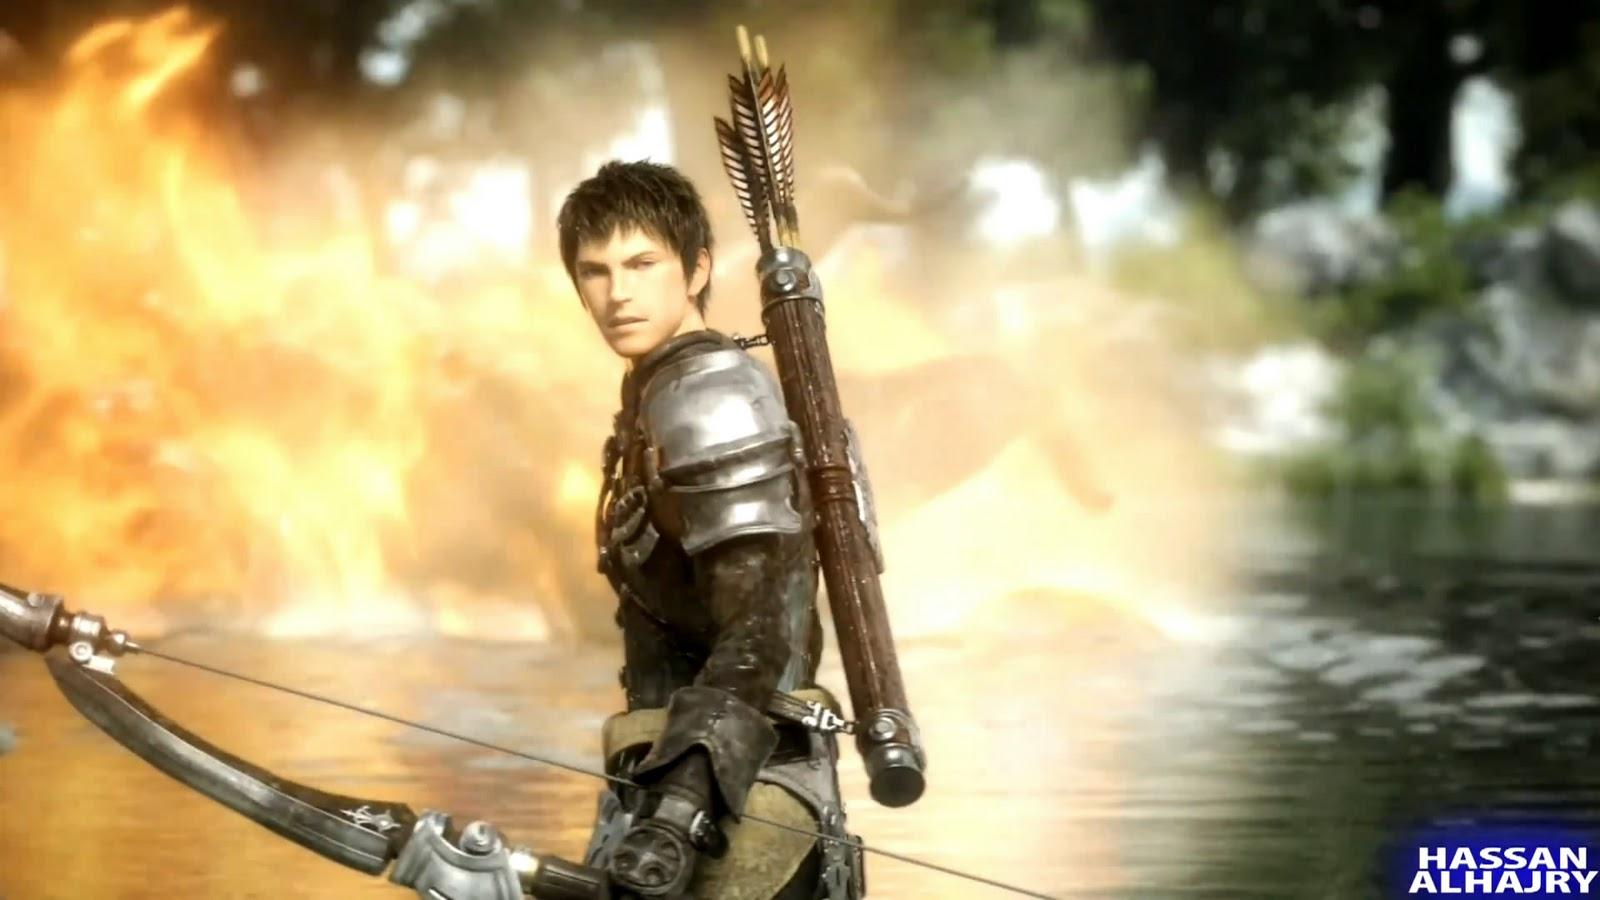 Final Fantasy XIV Core - Final Fantasy XIV Online News